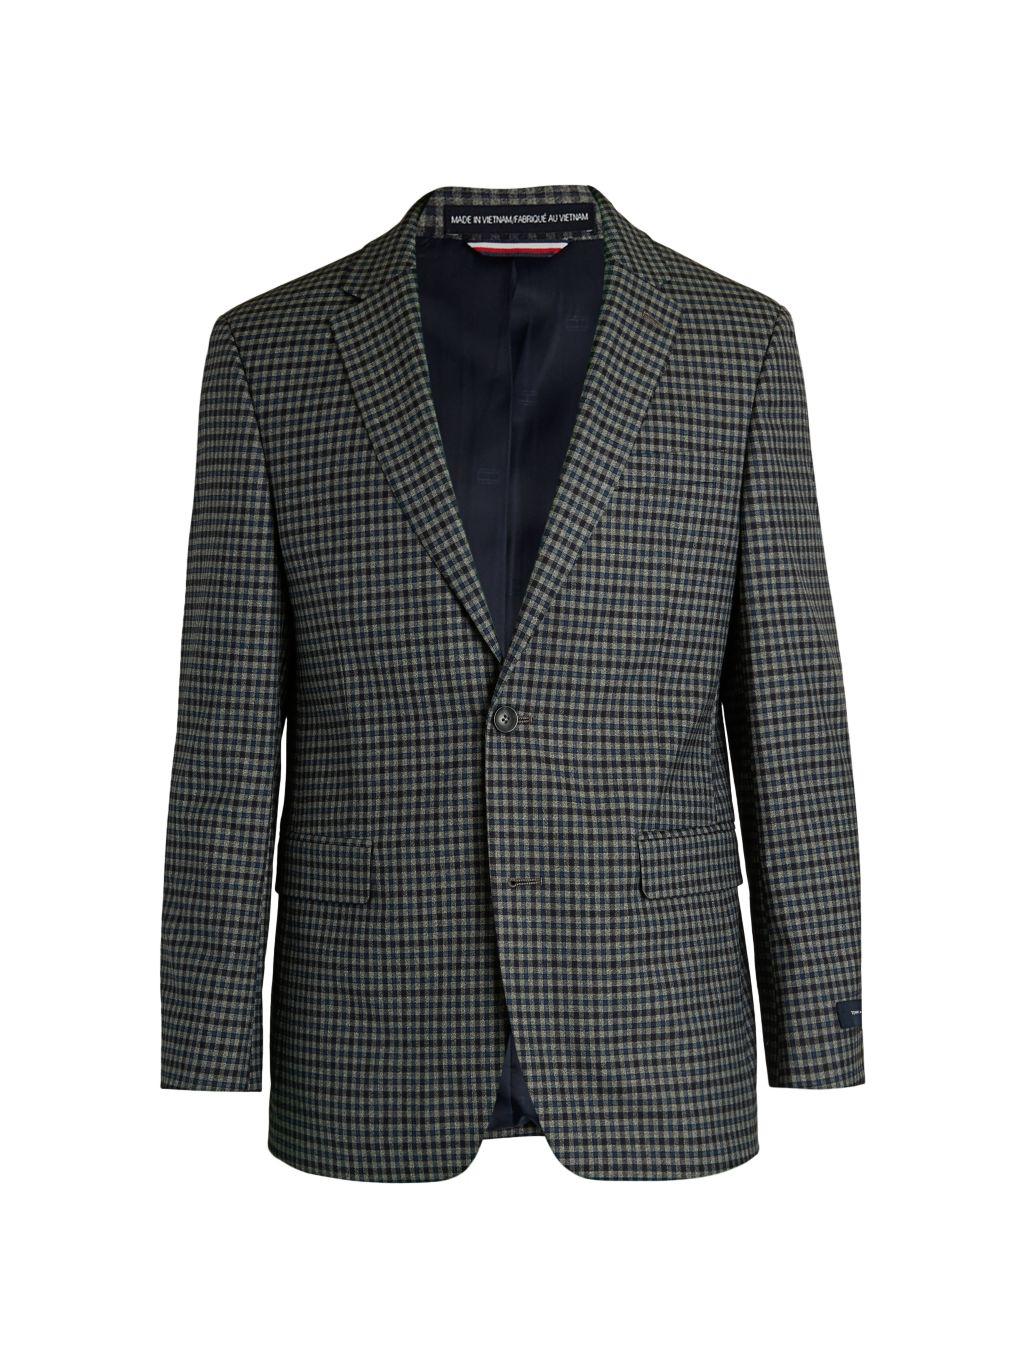 Tommy Hilfiger Regular-Fit Checker Jacket